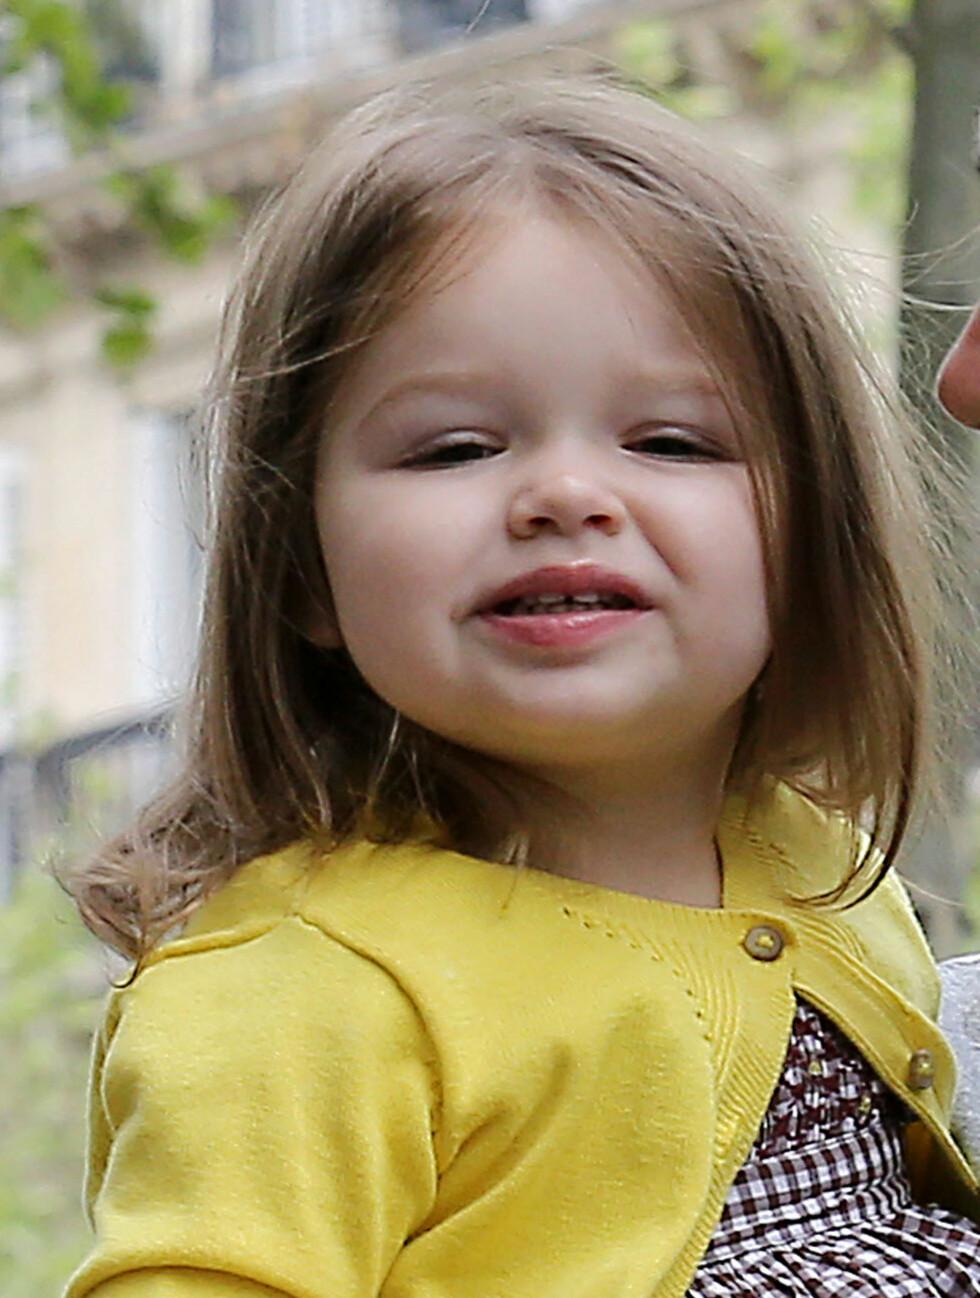 SKJØNN: Lille Harper Seven ligner på sin mor. Foto: FameFlynet Sweden